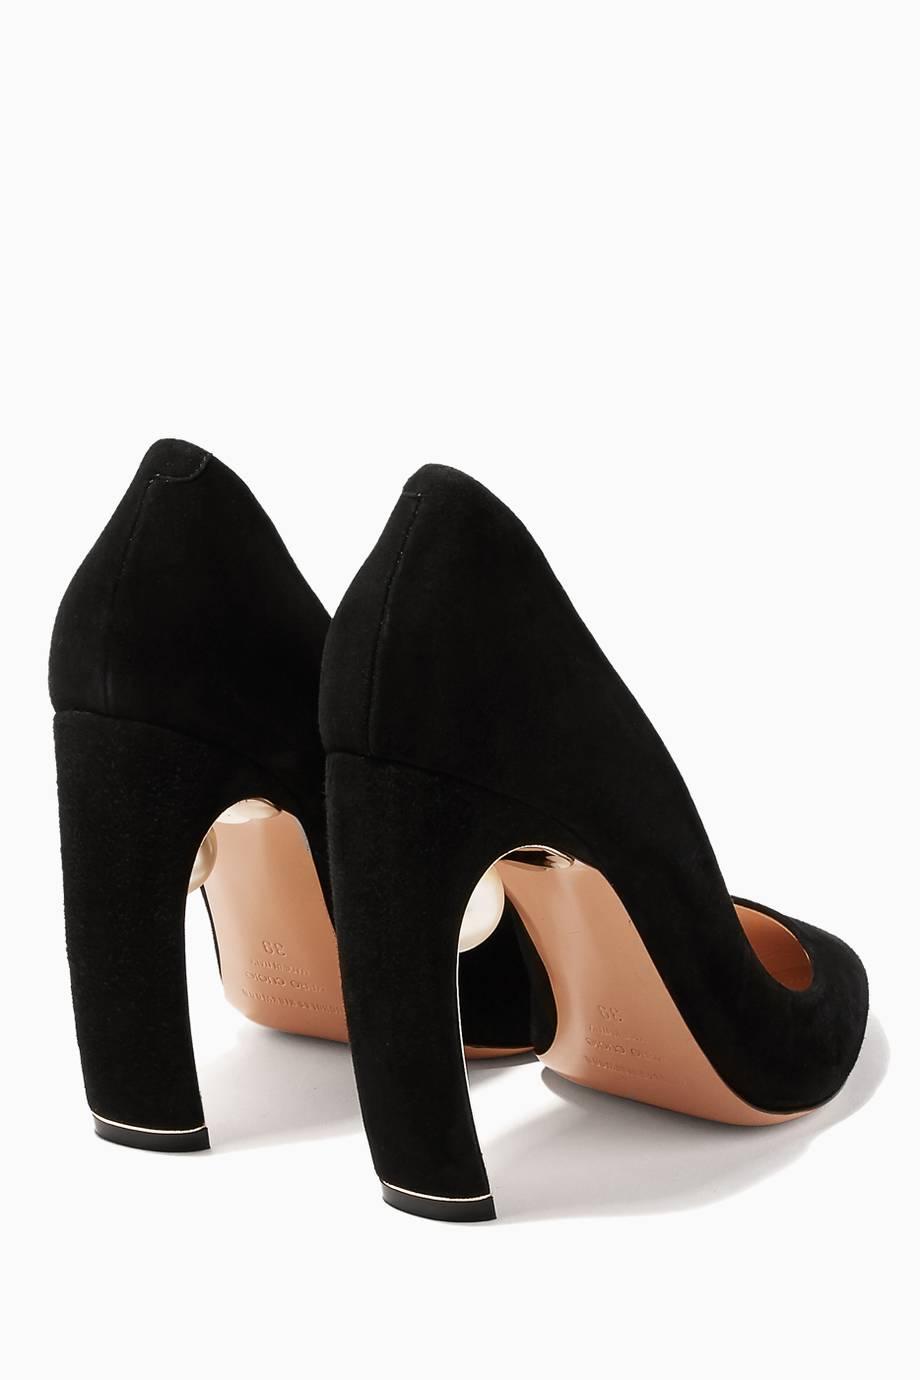 بالصور احذية حريمى , حذاء حريمى مميز 1402 8